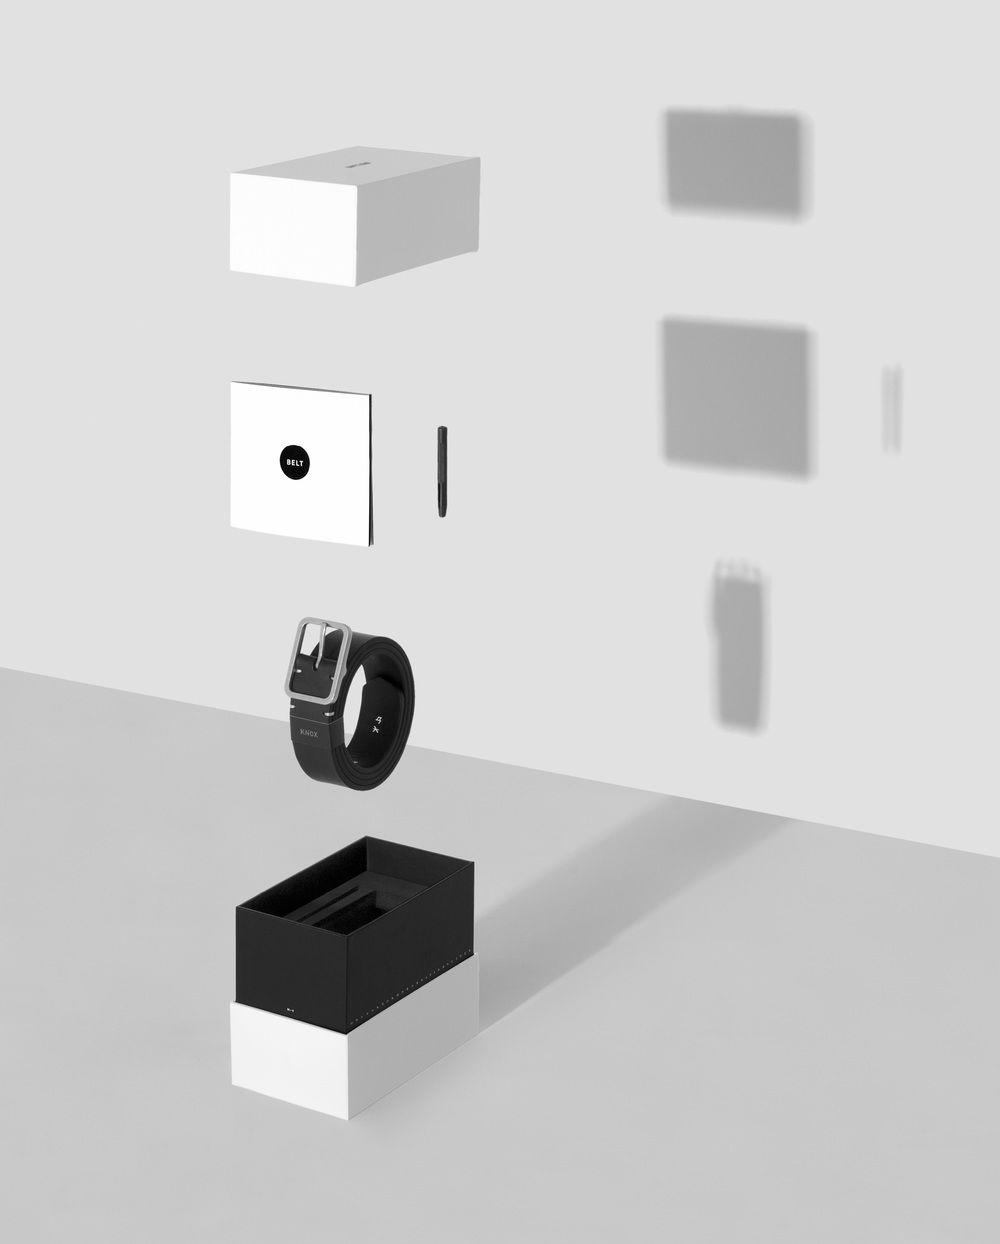 wedgelever-upton-packaging-04.jpg